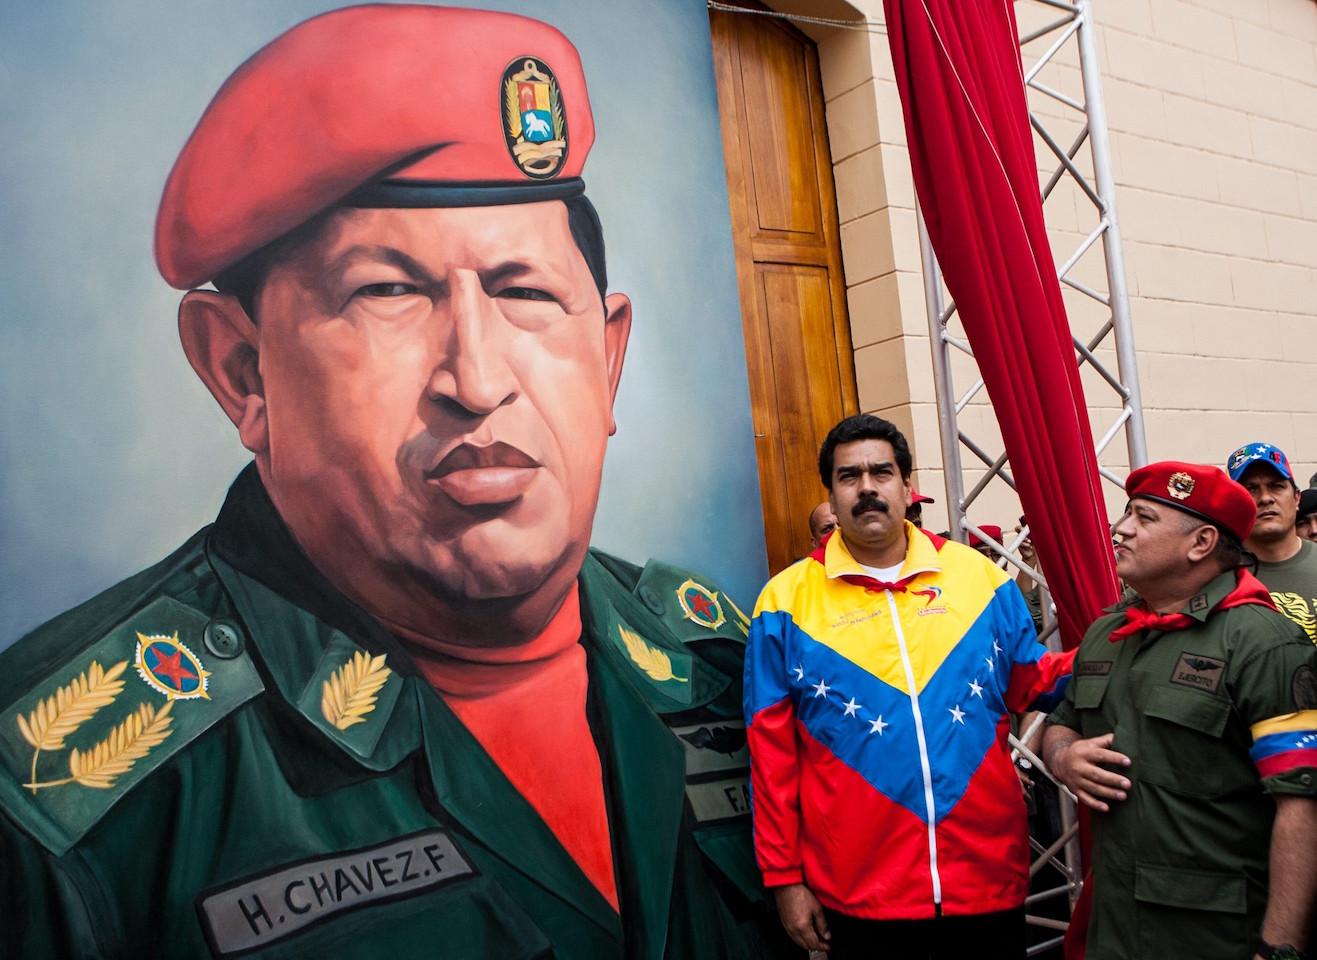 https://images.jacobinmag.com/2015/12/17010548/maduro_diosdado_chavez_efe.jpg